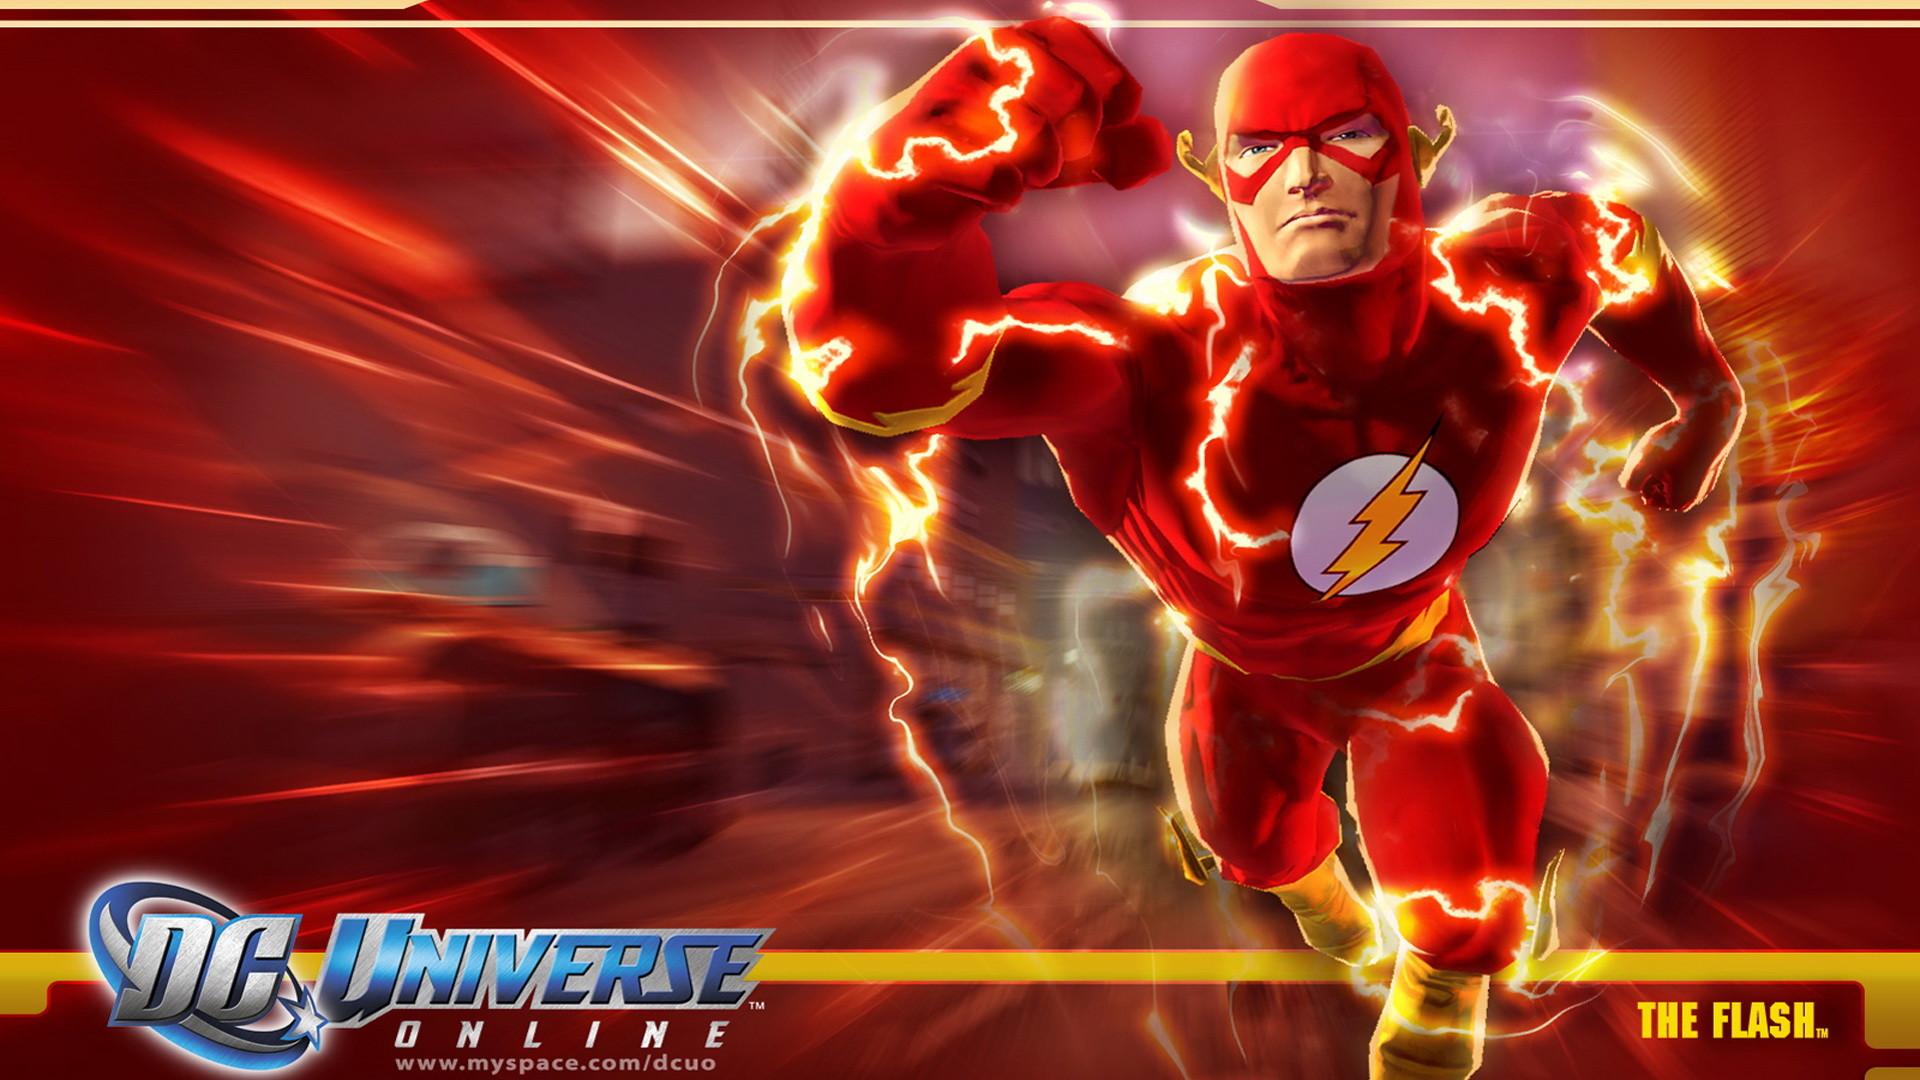 Flash hd